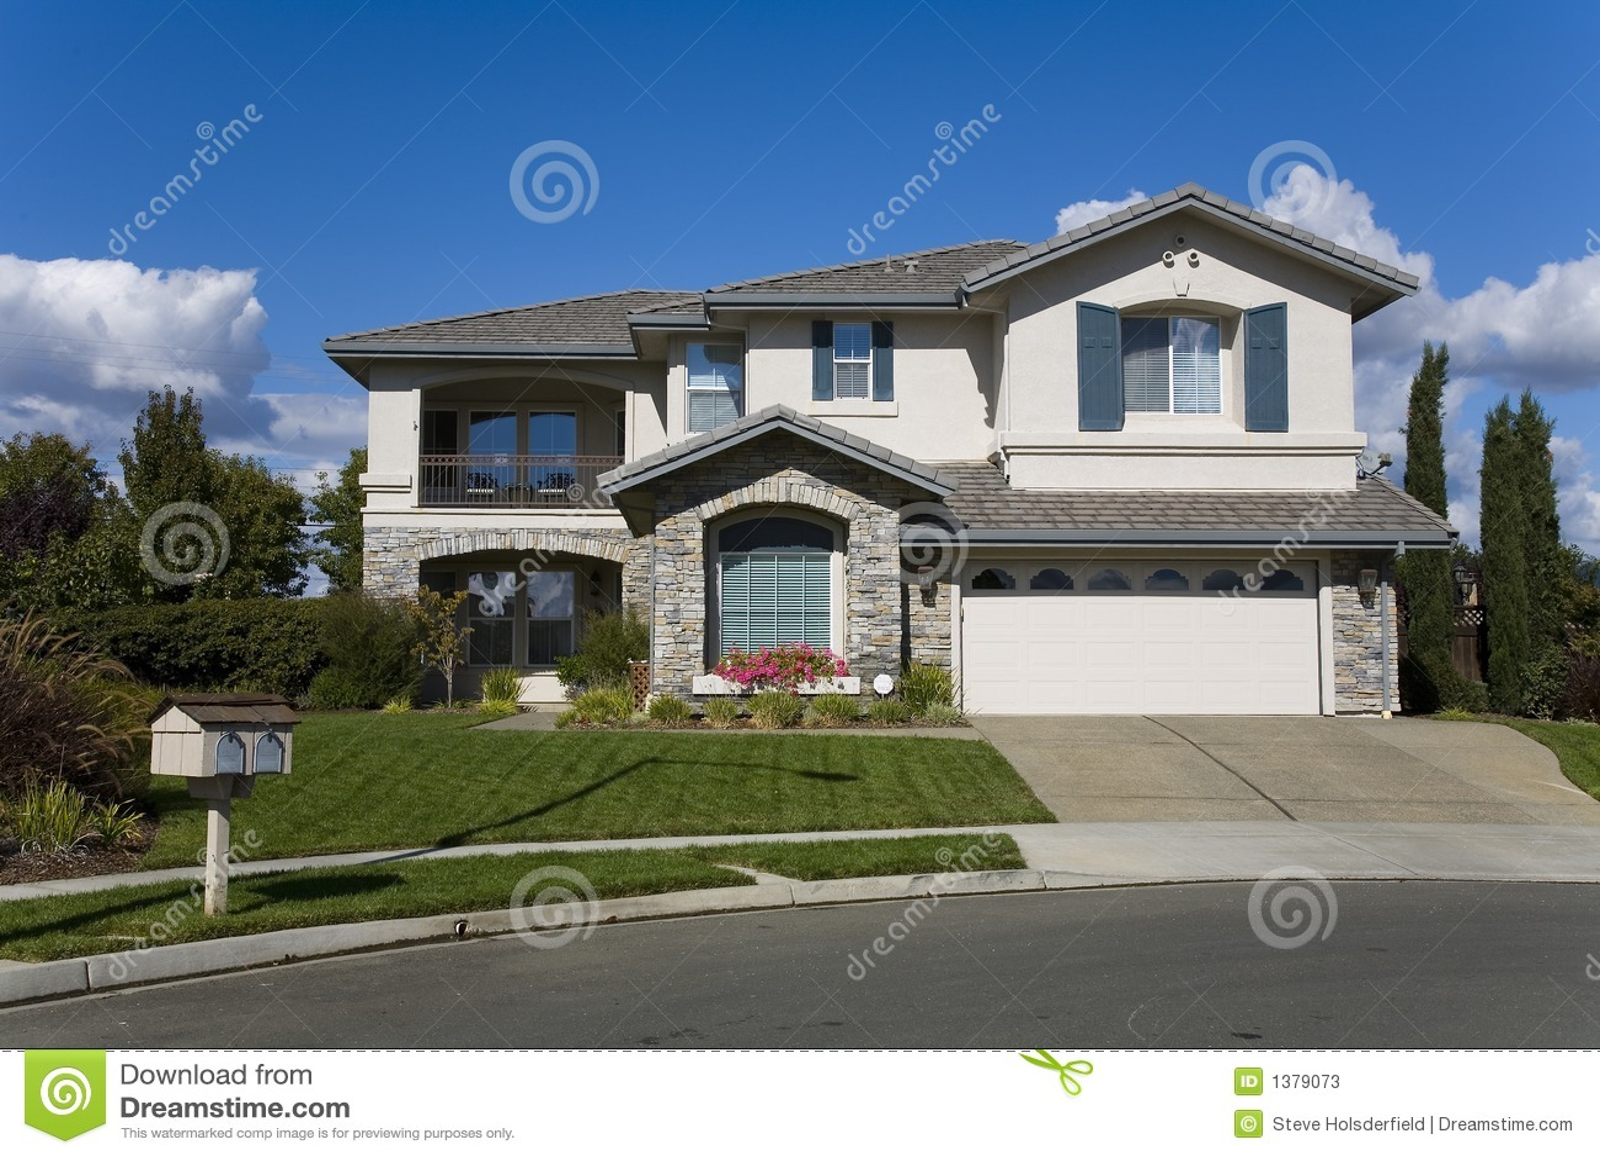 Napa County Ca Custom Home Stock Photos Image 1379073